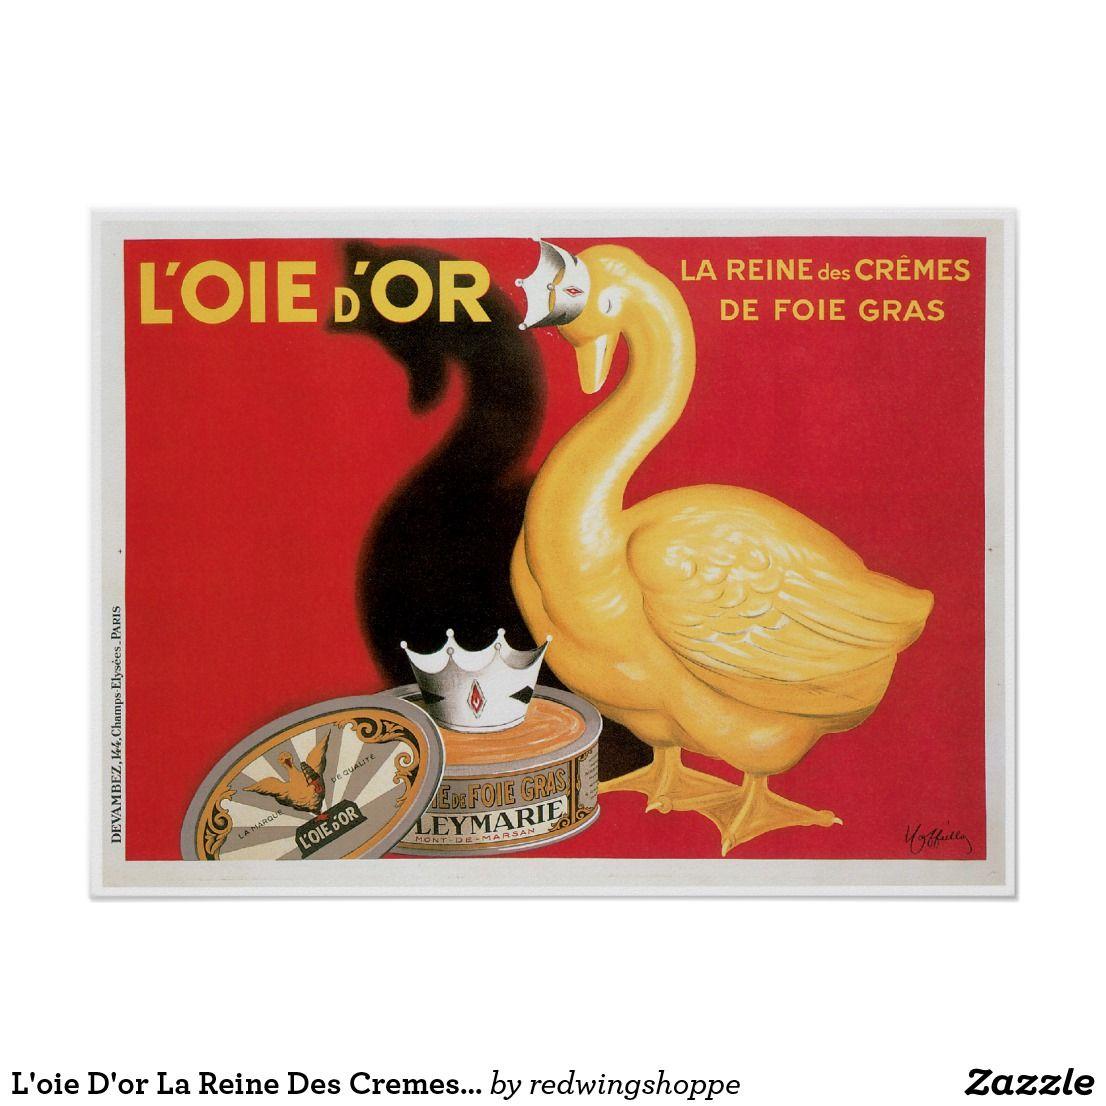 L Oie D Or La Reine Des Cremes Vintage Food Ad Poster Vintage Food Posters Food Ads Vintage Recipes